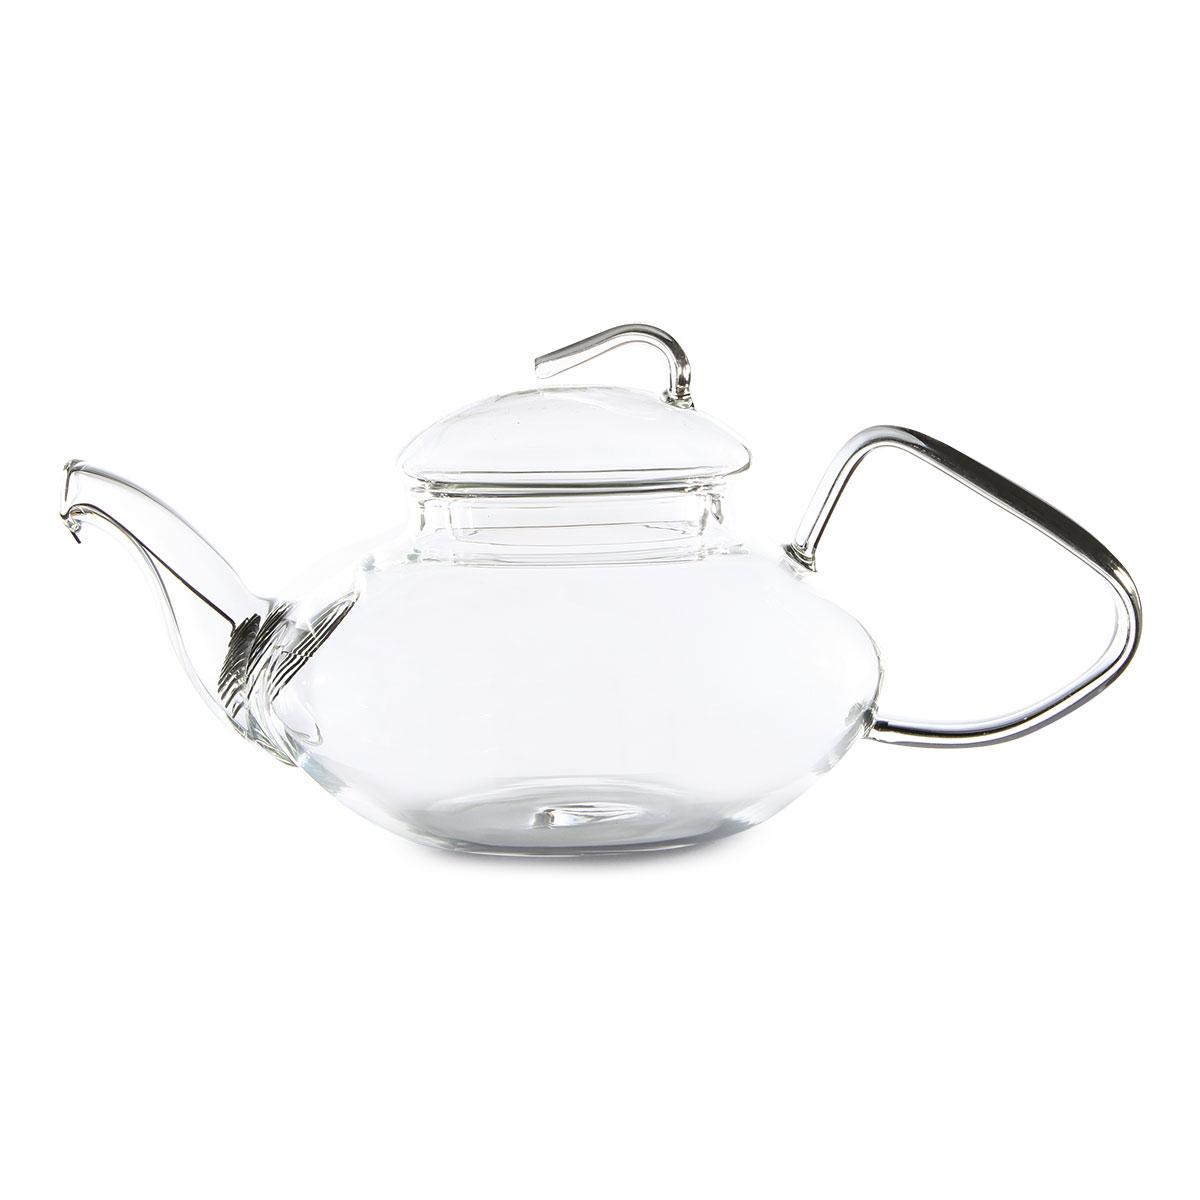 Стеклянный заварочный чайник Журавль 500 мл.